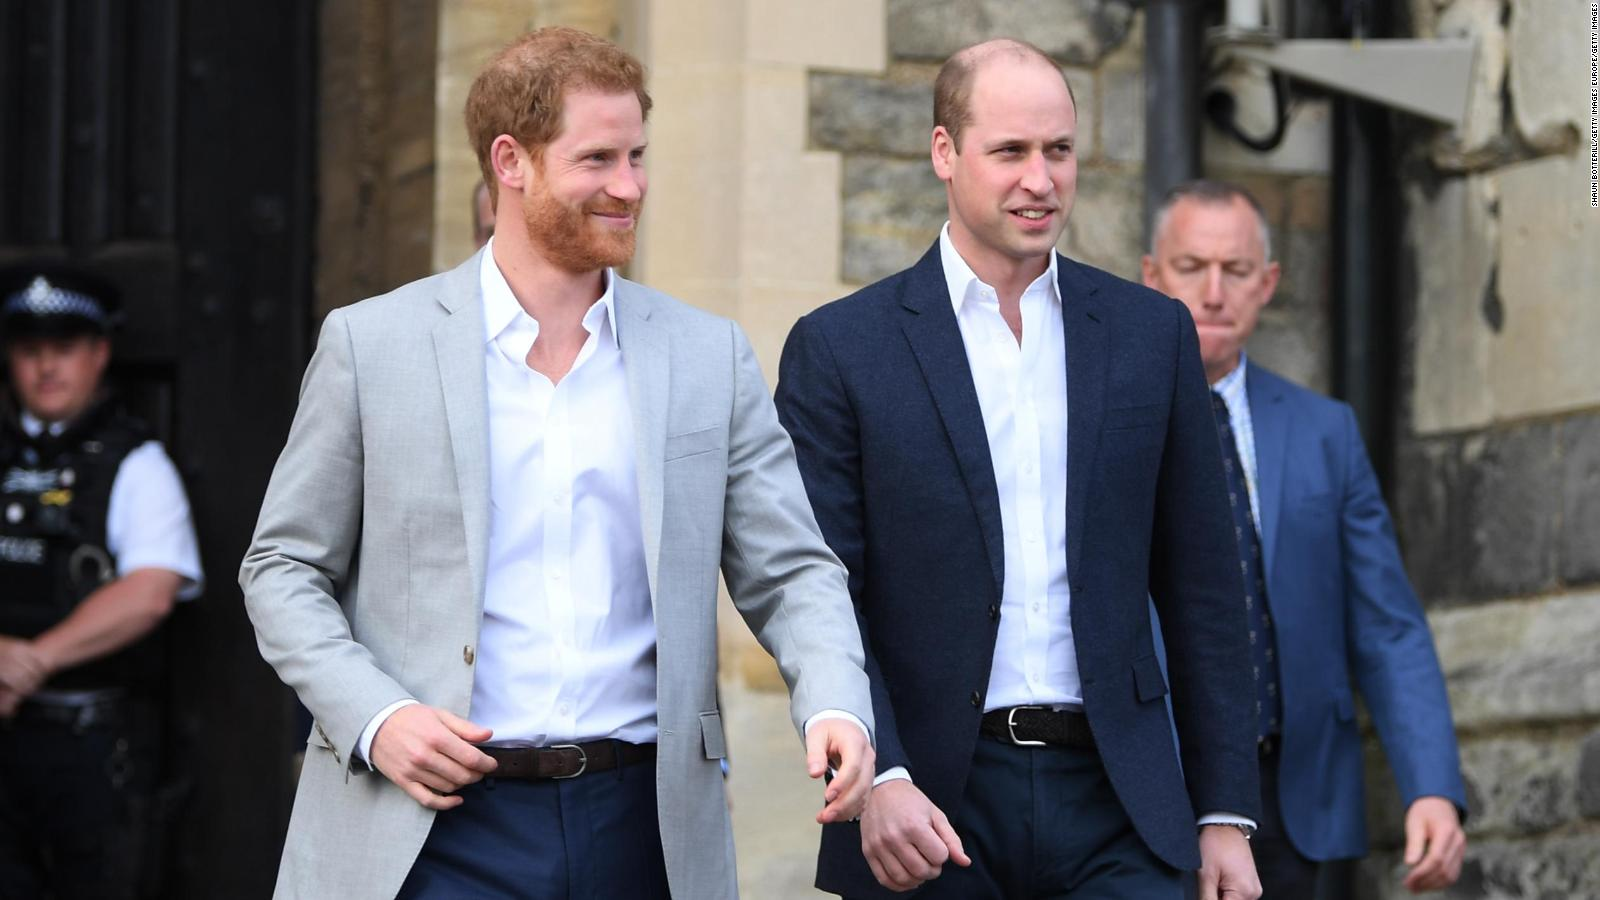 El reencuentro entre los príncipes Harry y William